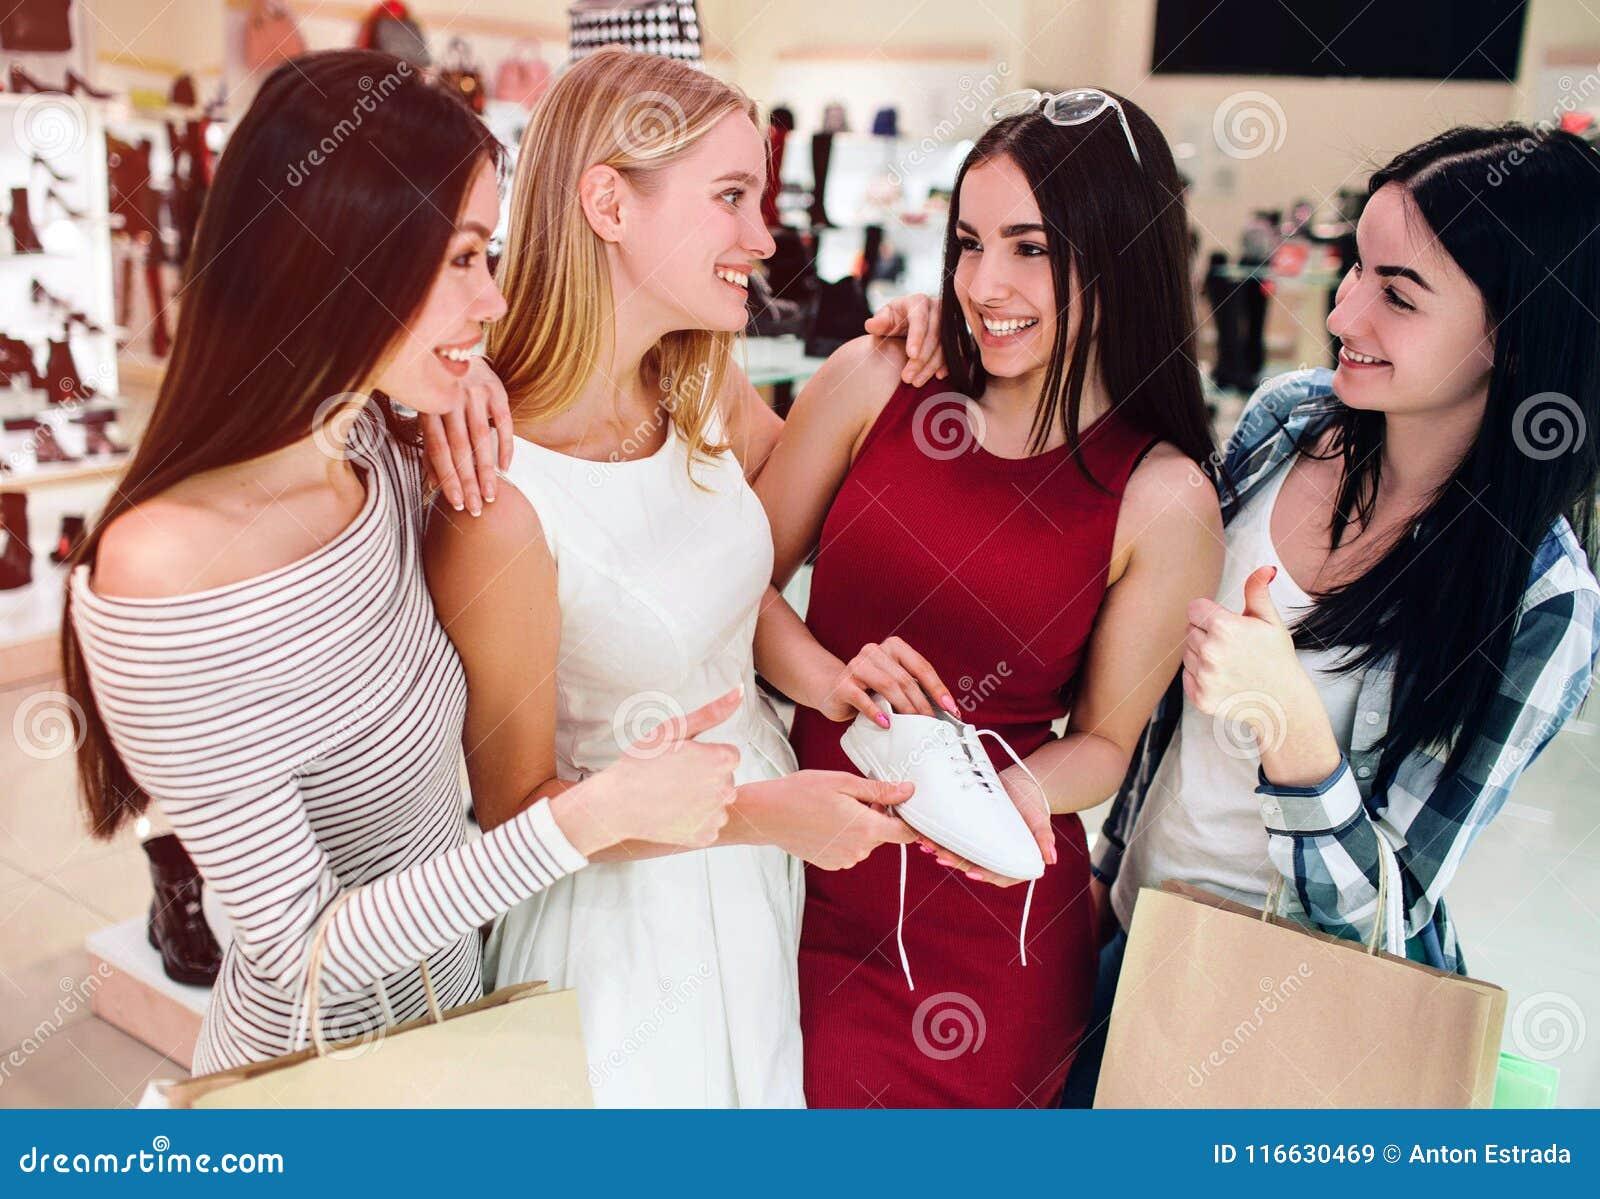 Y Sosteniendo Vestido Rojo Un La Está Blanco Muchacha Zapato En uOkXPZi